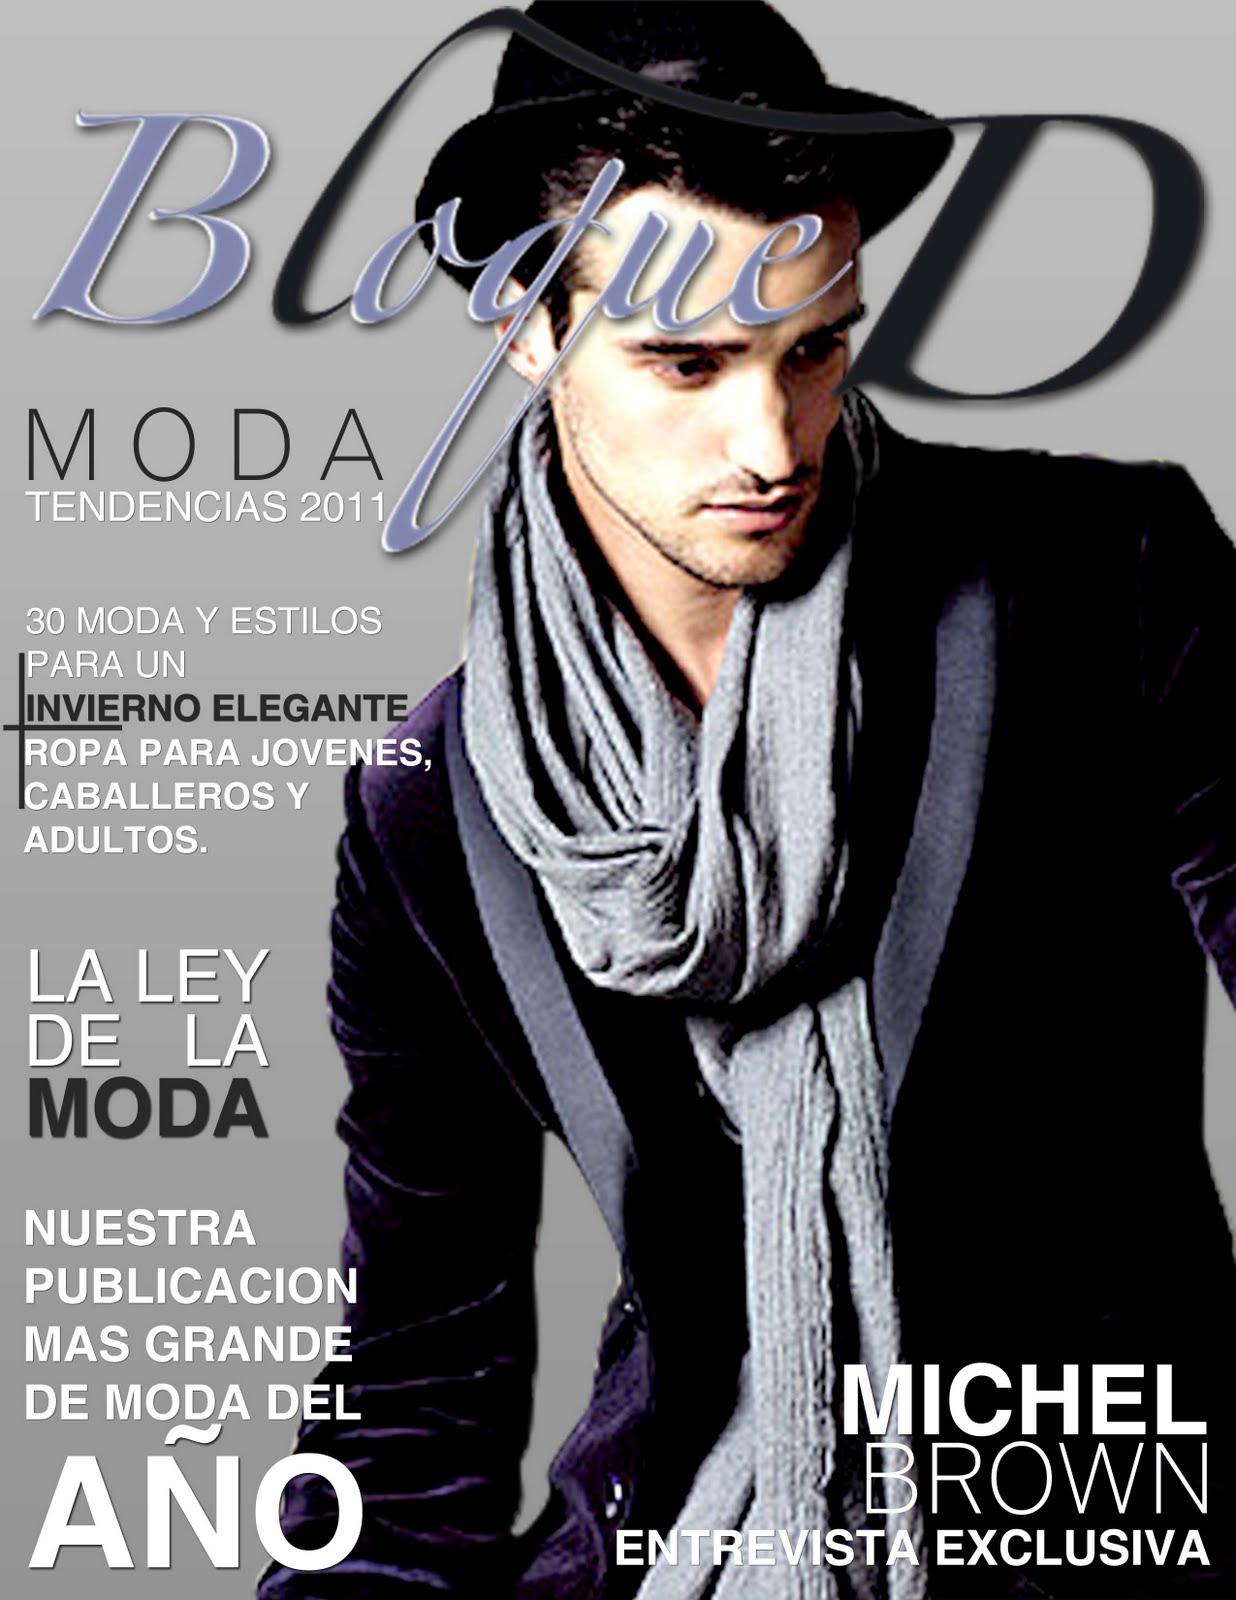 revista de moda bloque d